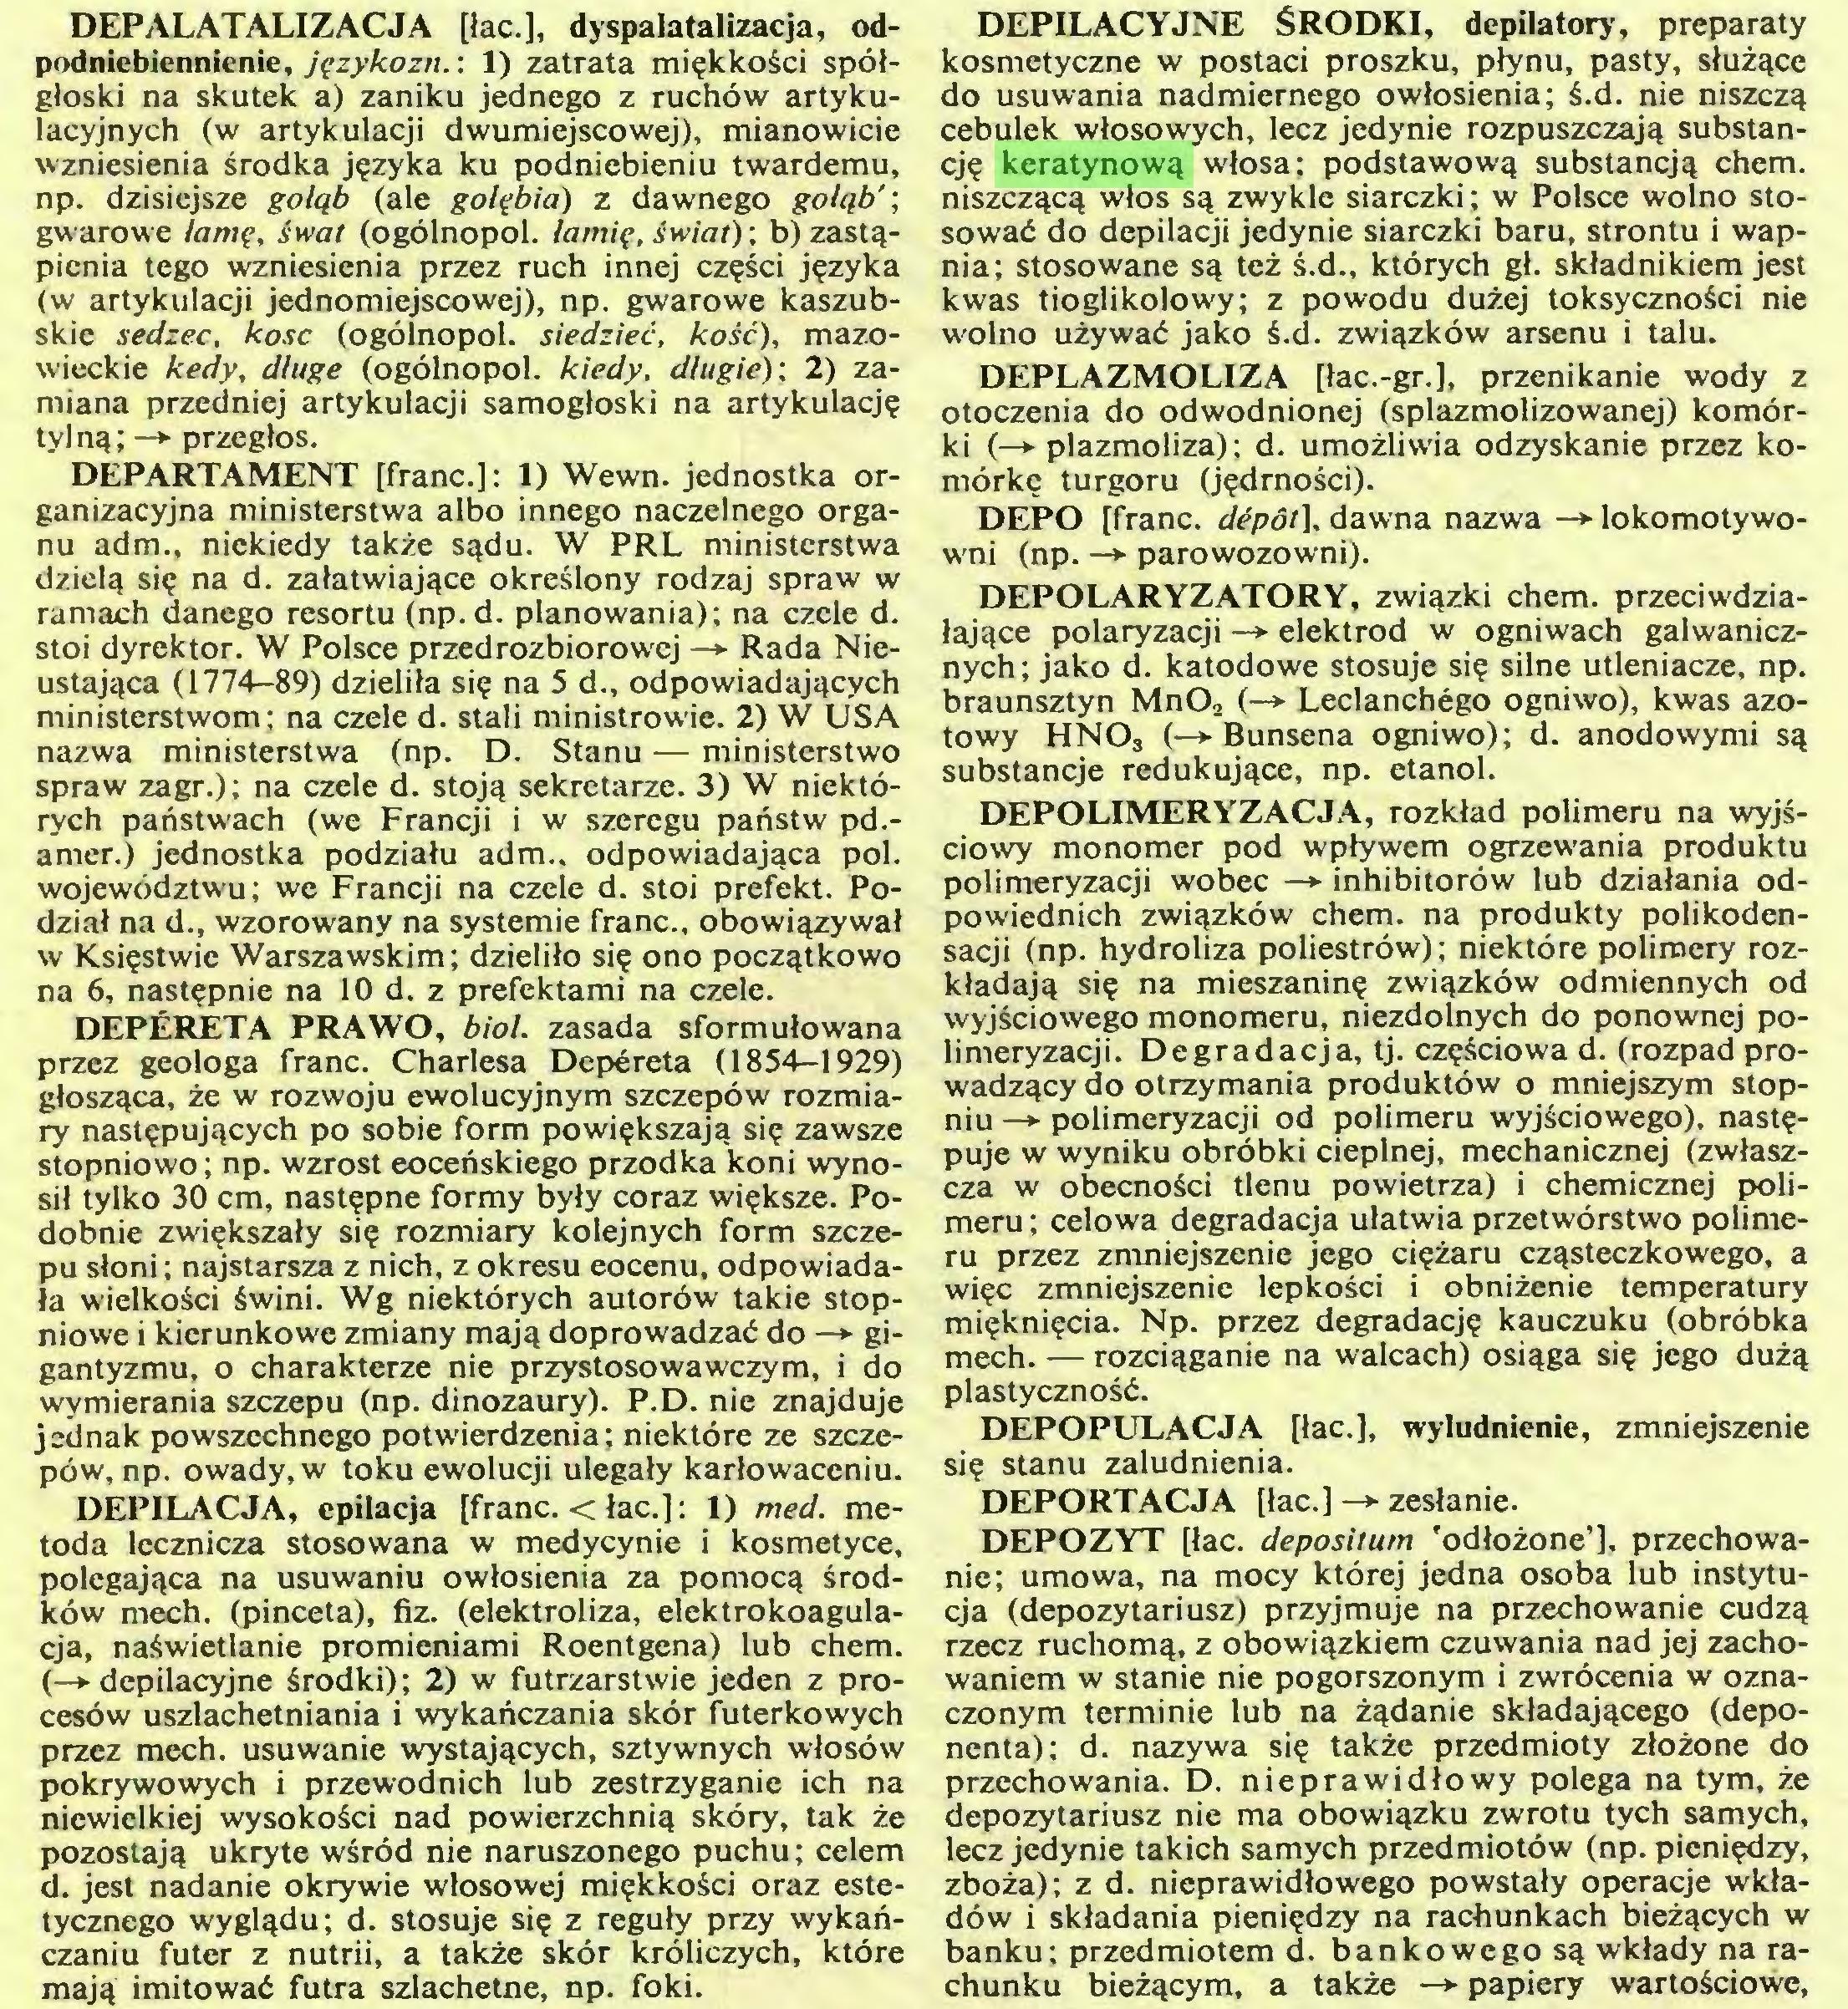 (...) mają imitować futra szlachetne, np. foki. DEPILACYJNE ŚRODKI, depilatory, preparaty kosmetyczne w postaci proszku, płynu, pasty, służące do usuwania nadmiernego owłosienia; ś.d. nie niszczą cebulek włosowych, lecz jedynie rozpuszczają substancję keratynową włosa; podstawową substancją chem...